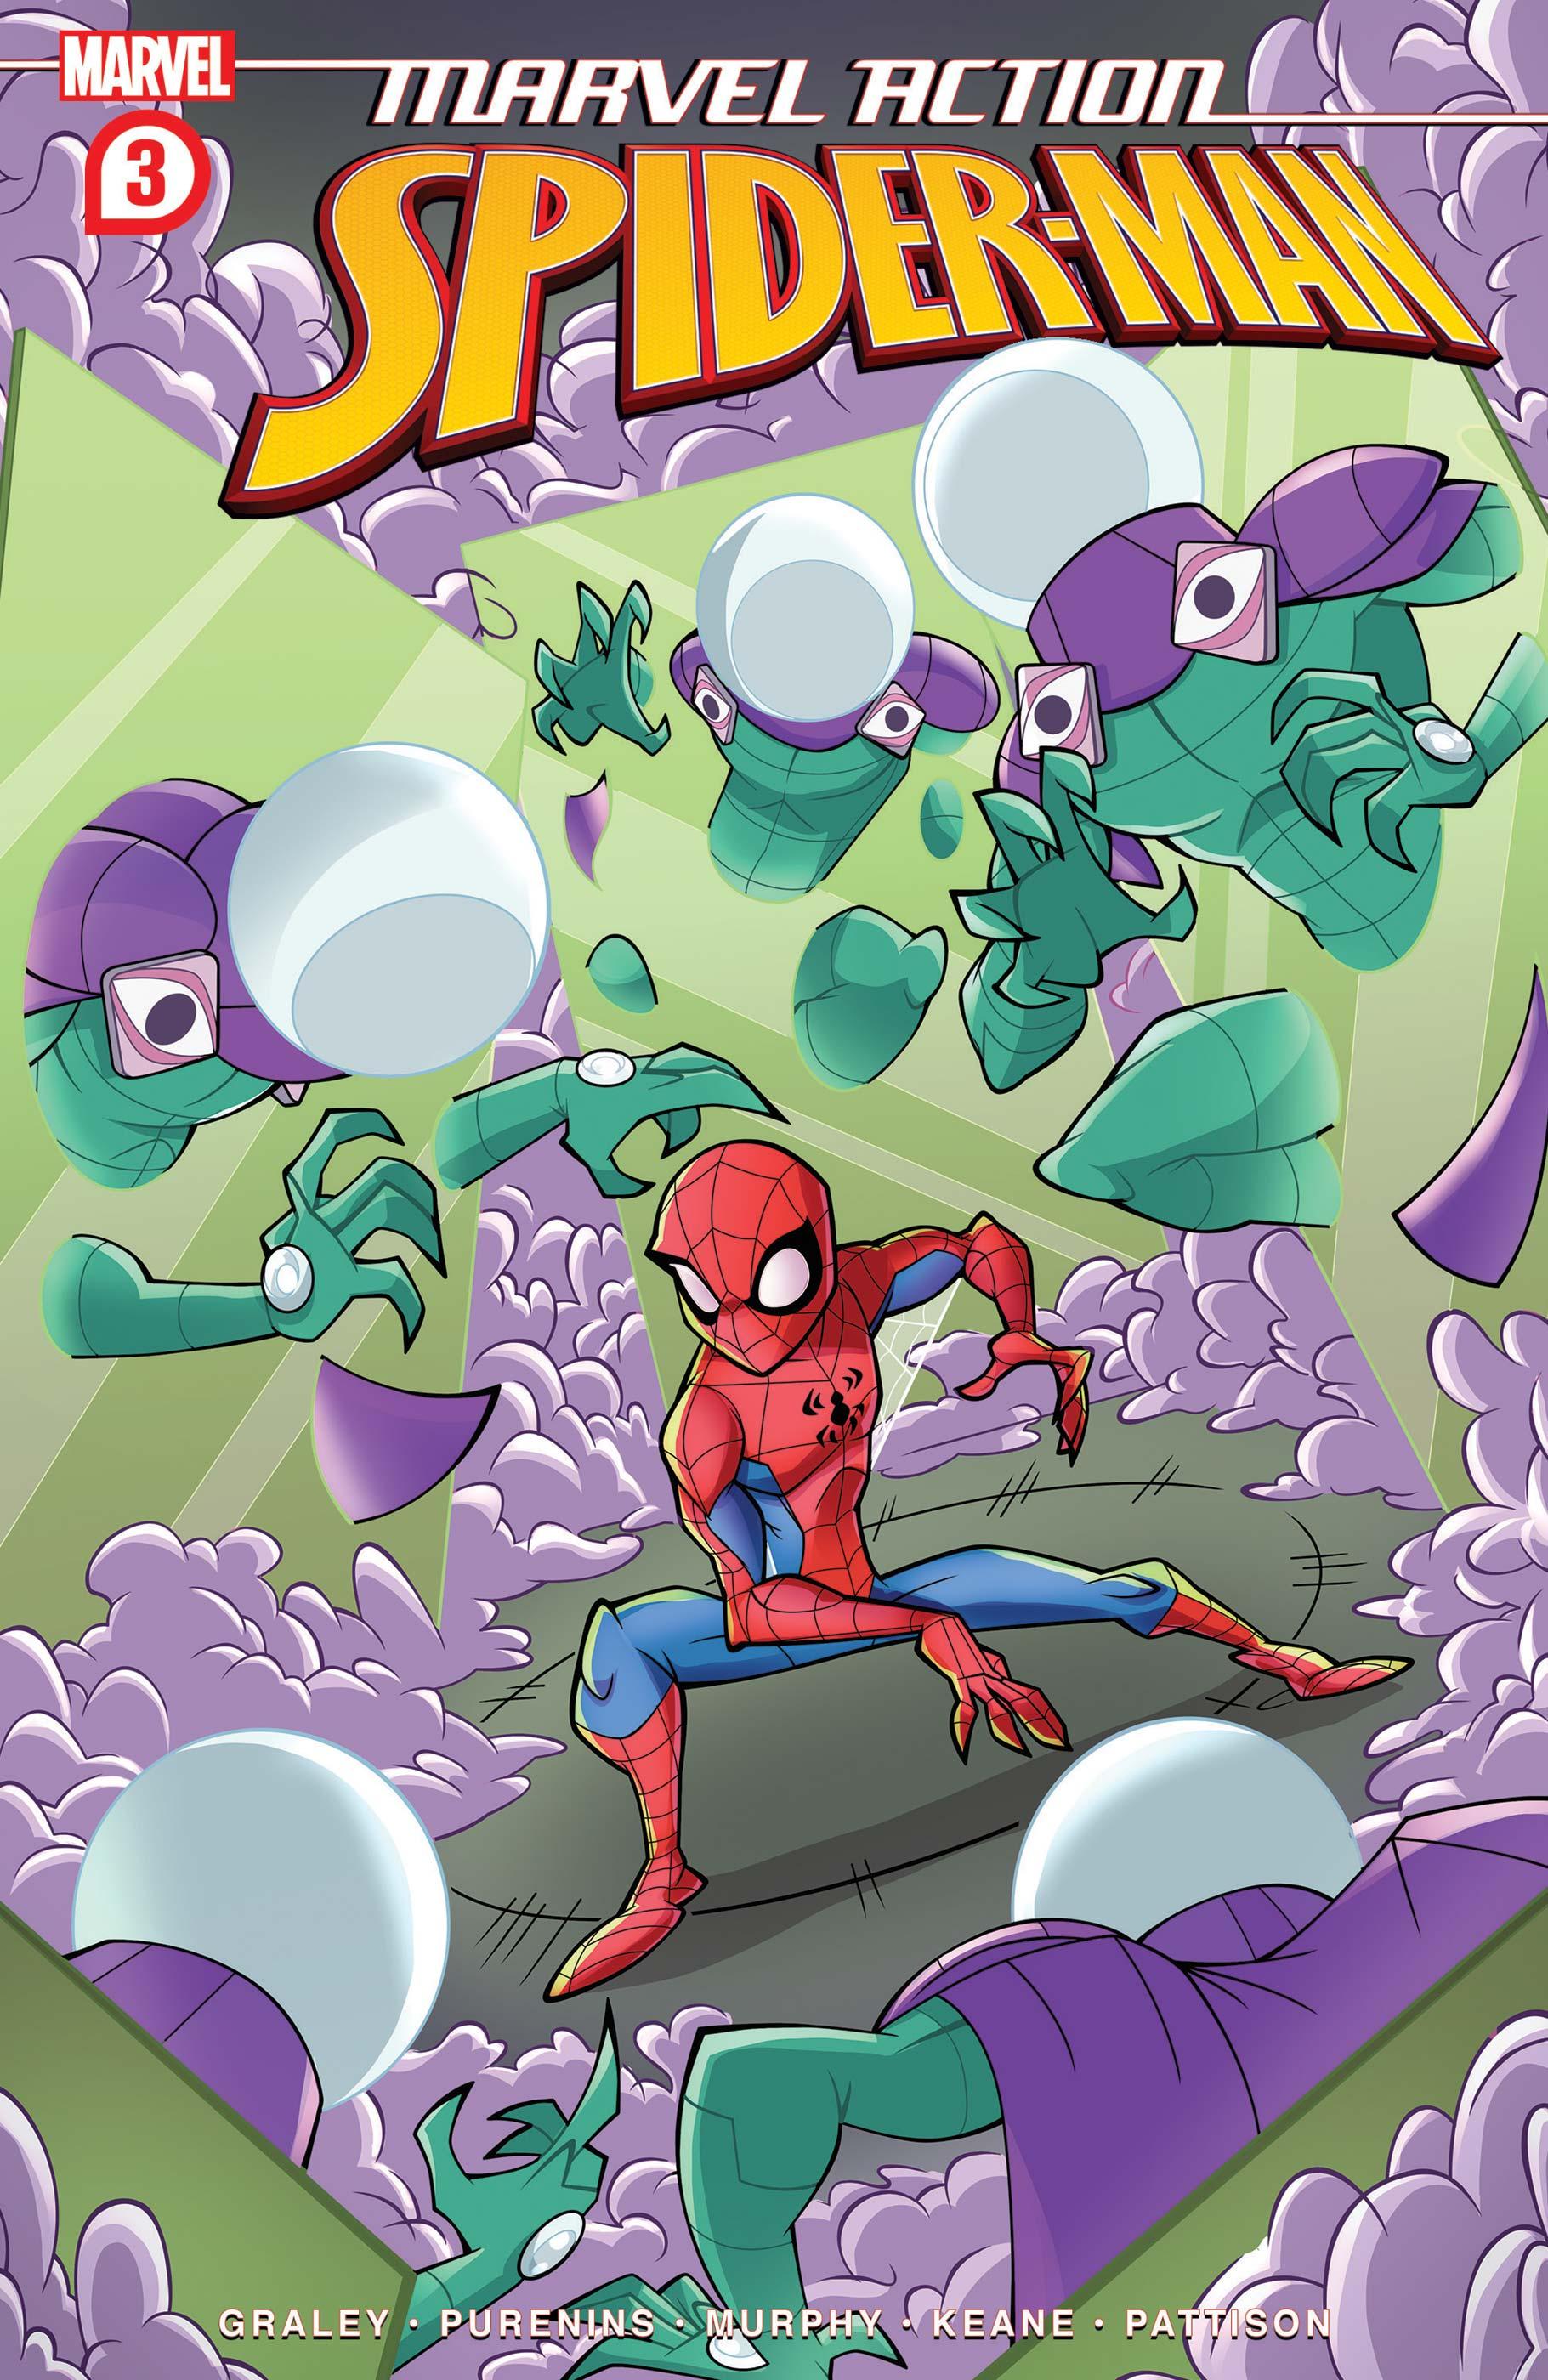 Marvel Action Spider-Man (2021) #3